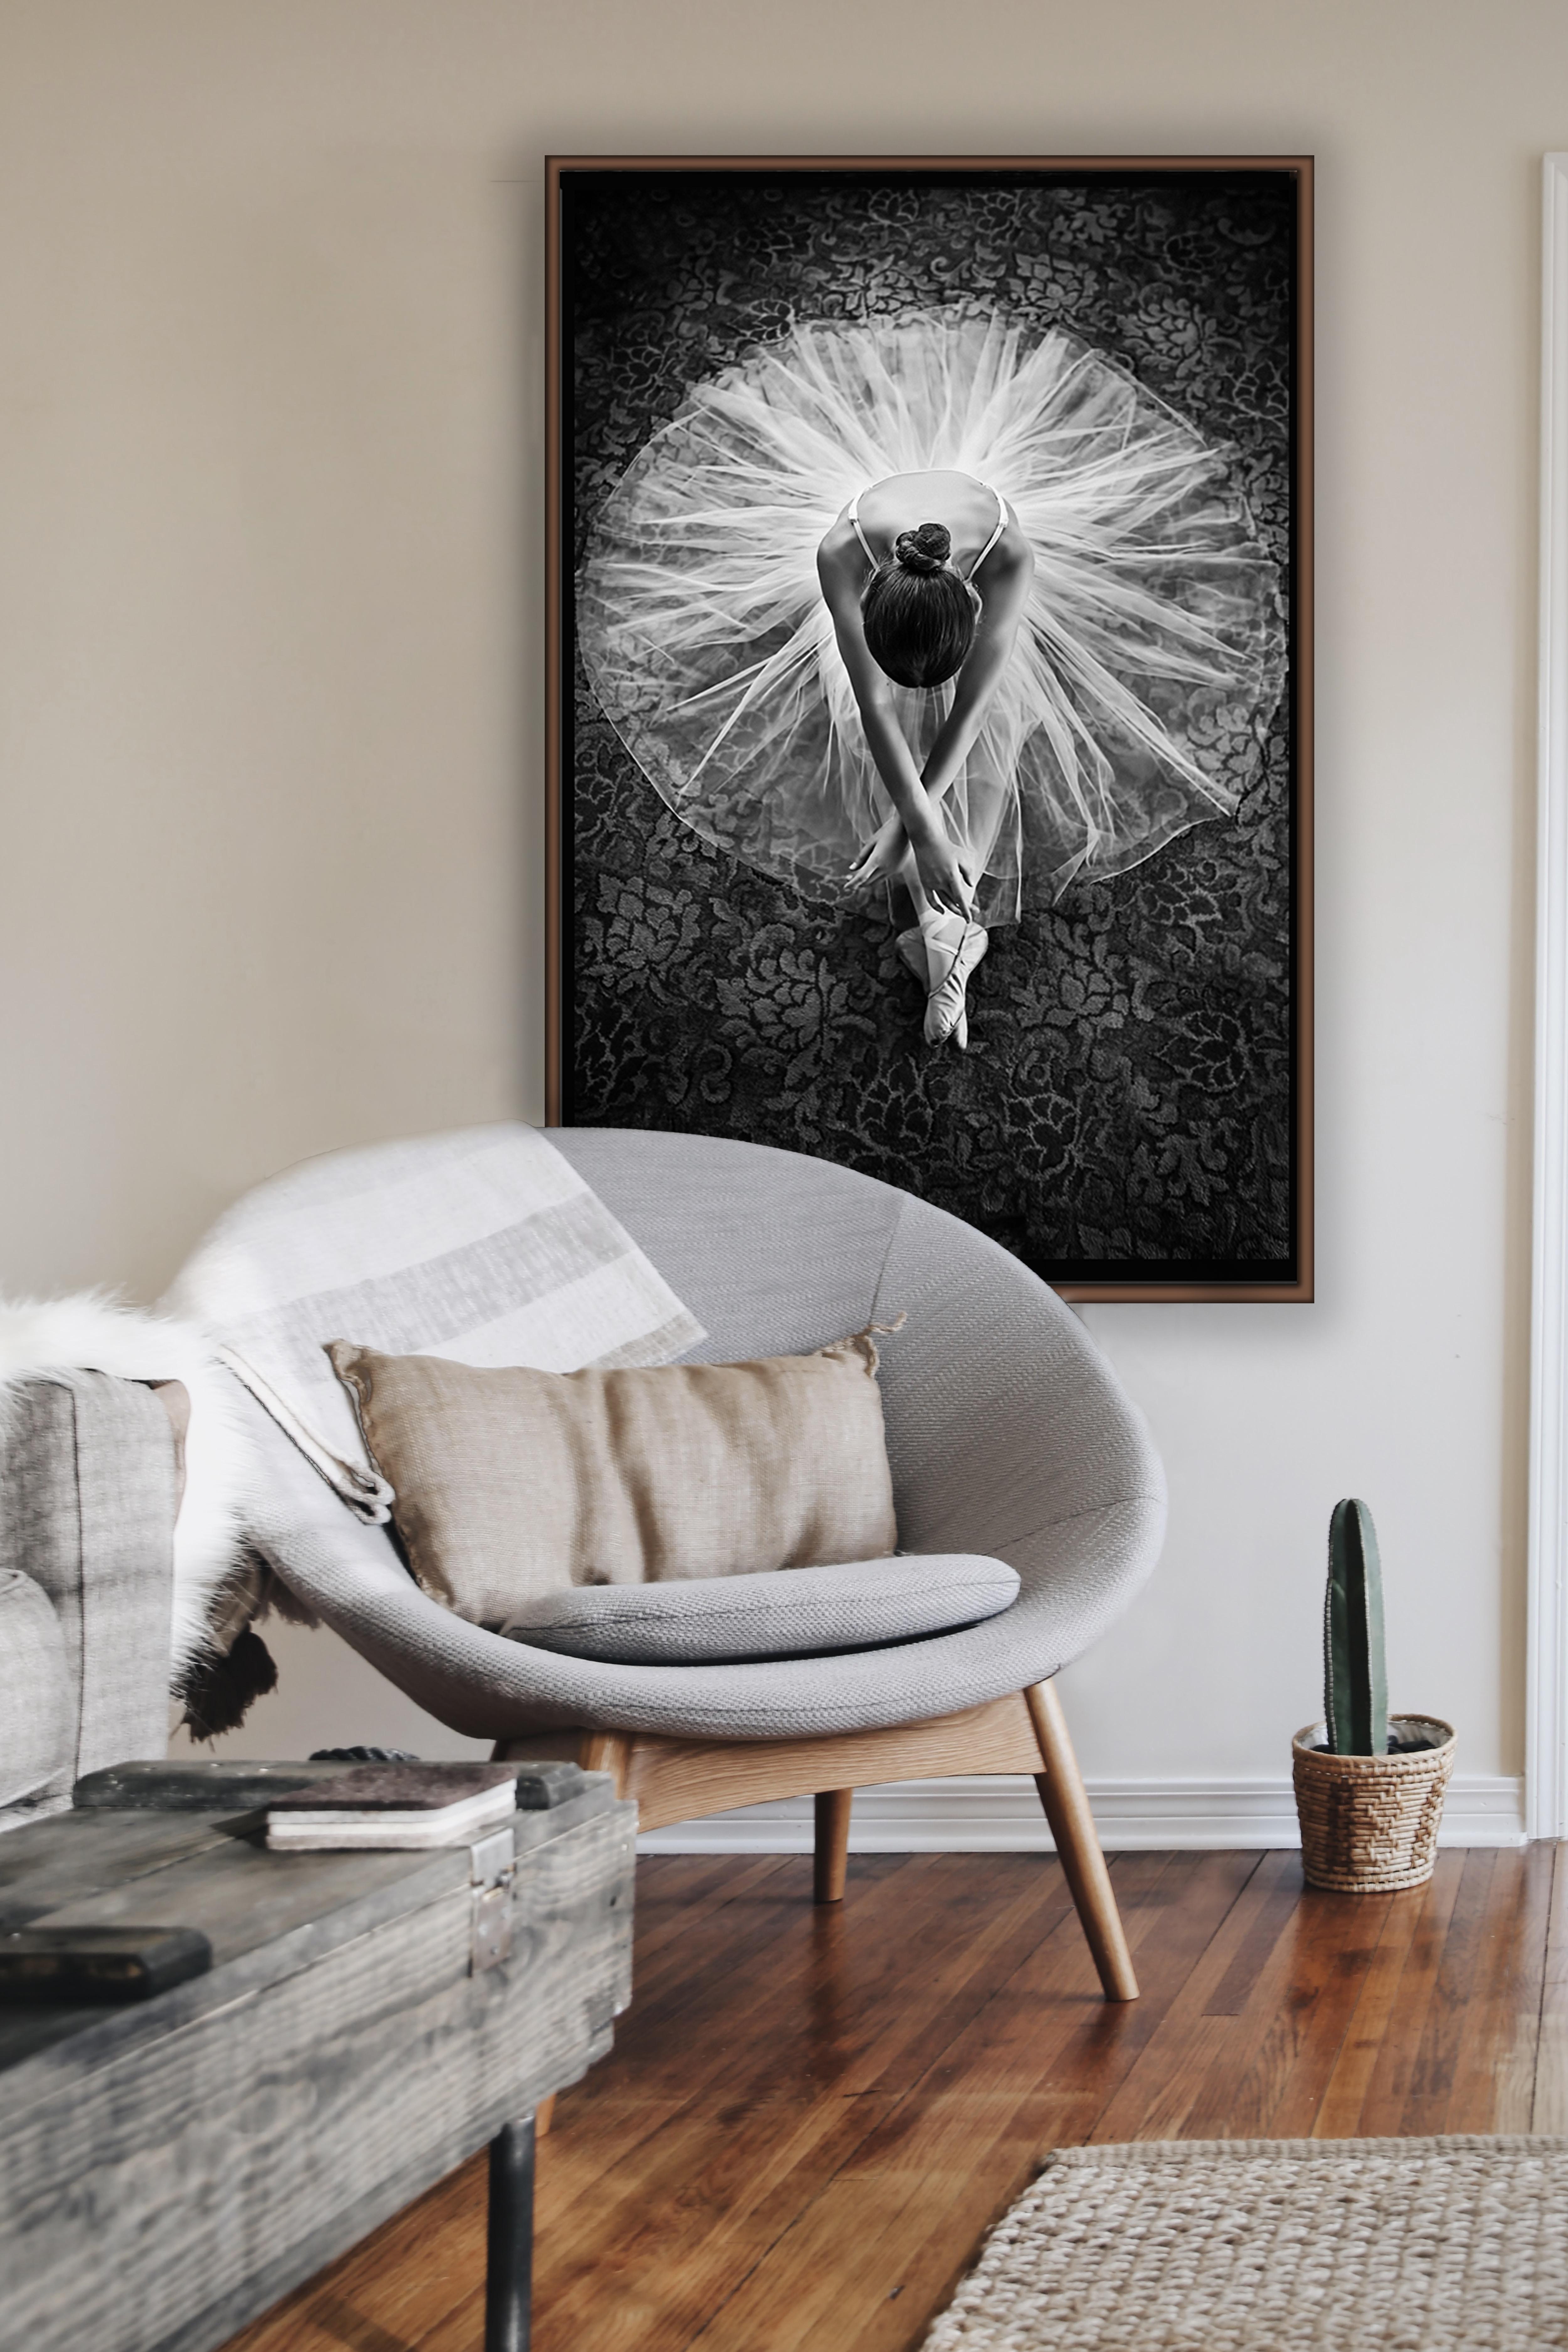 Dancer Canvas Frame Room